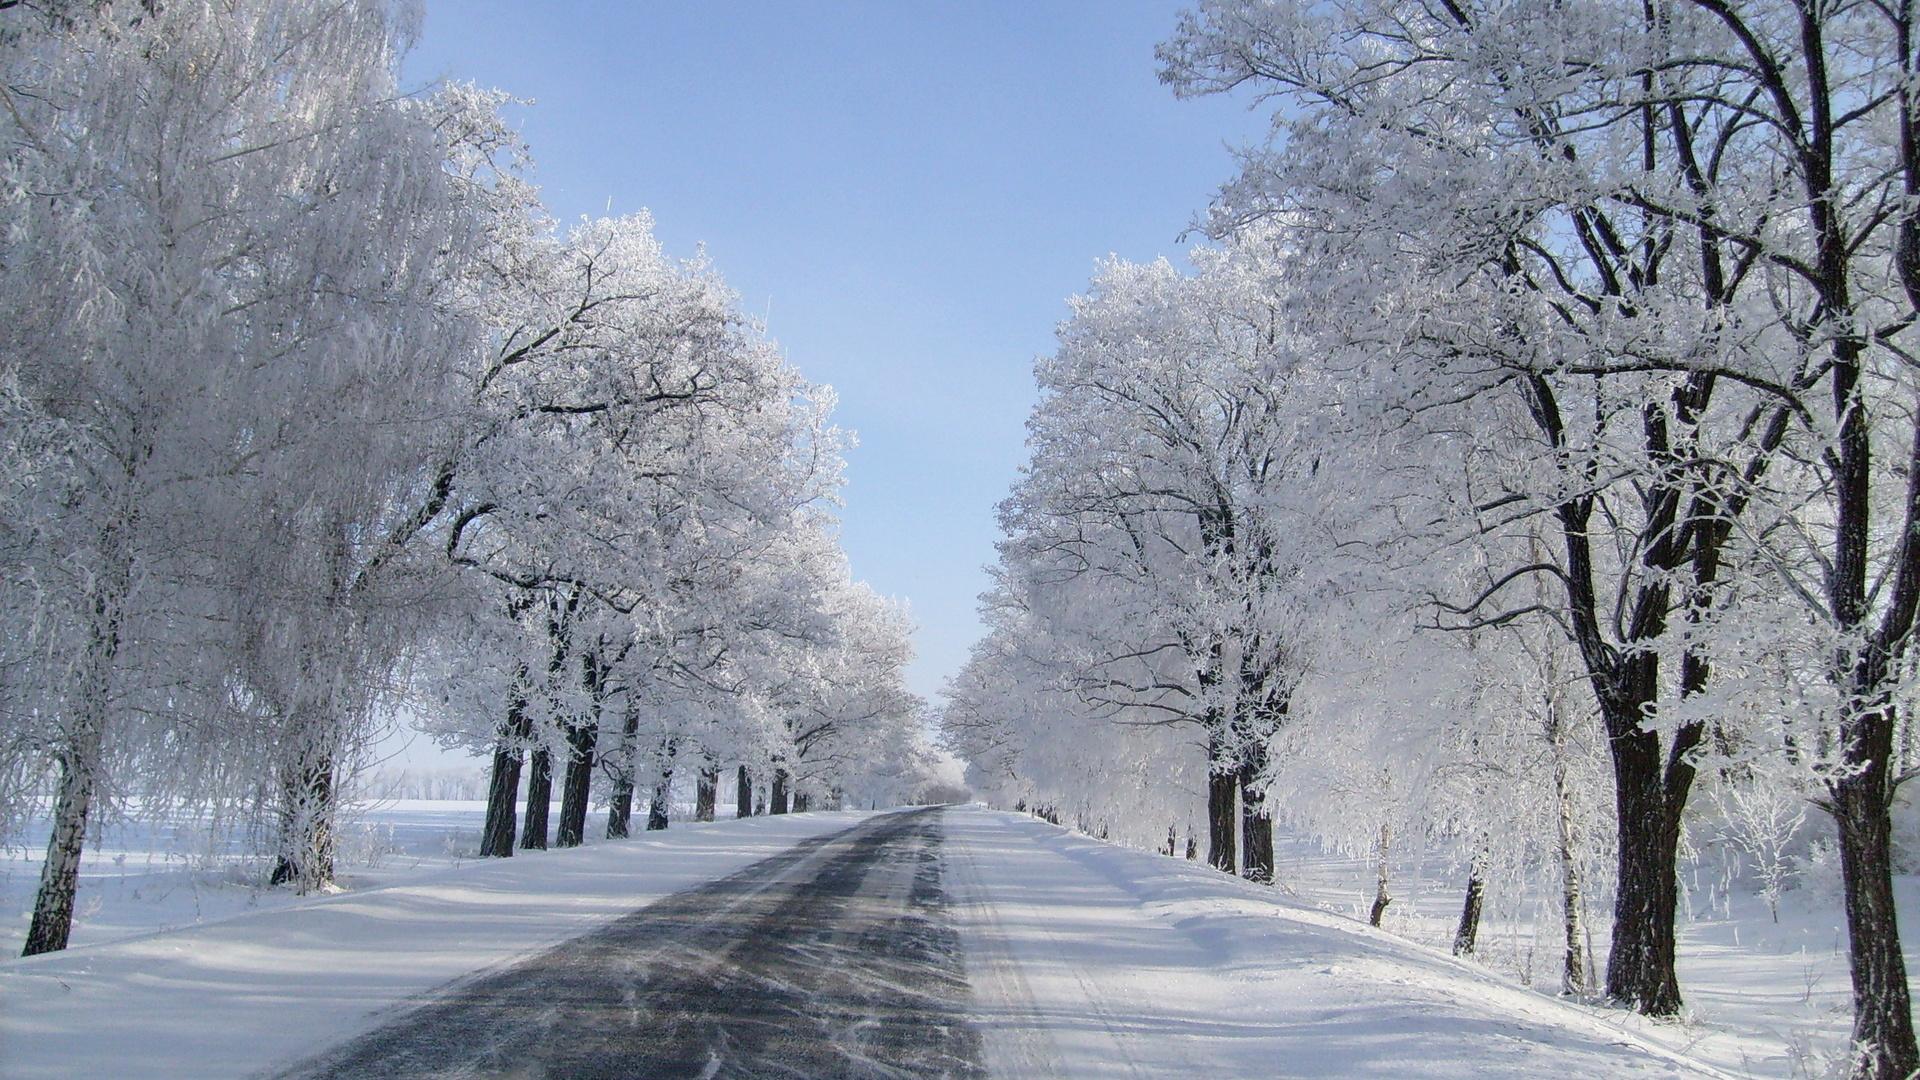 поётся жми картинки снега в городе высокое качество вид штампов включает